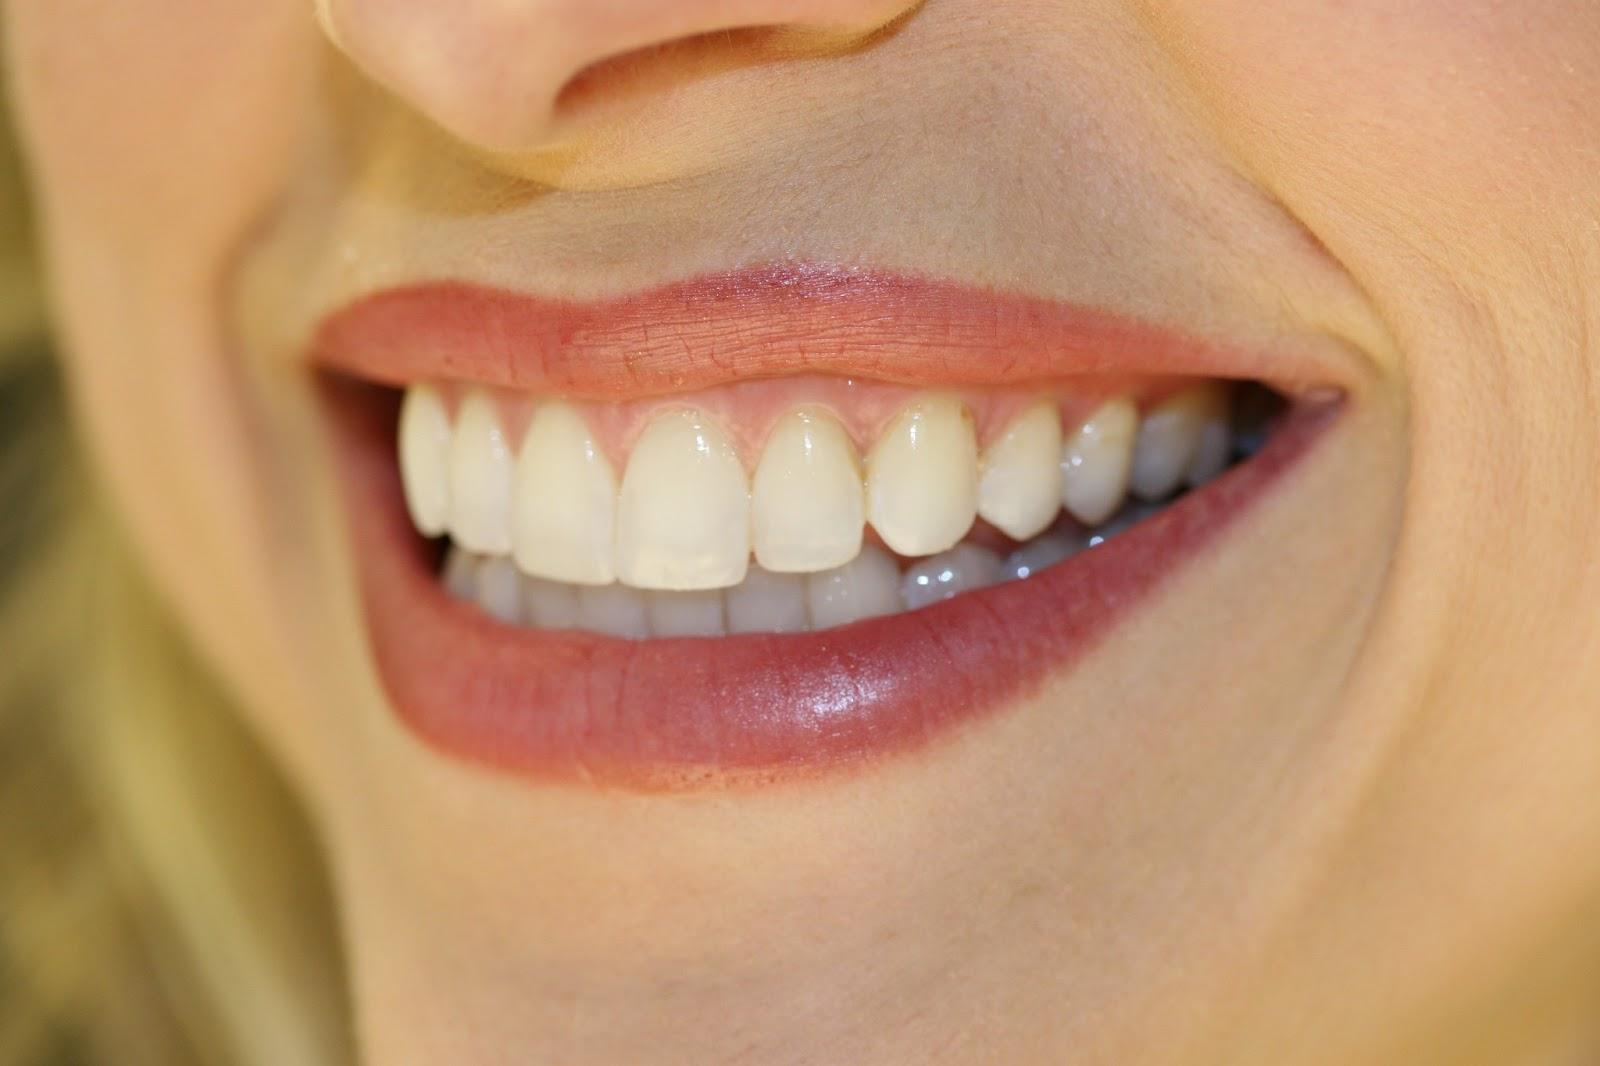 Αισθητική οδοντιατρική και ωραίο χαμόγελο